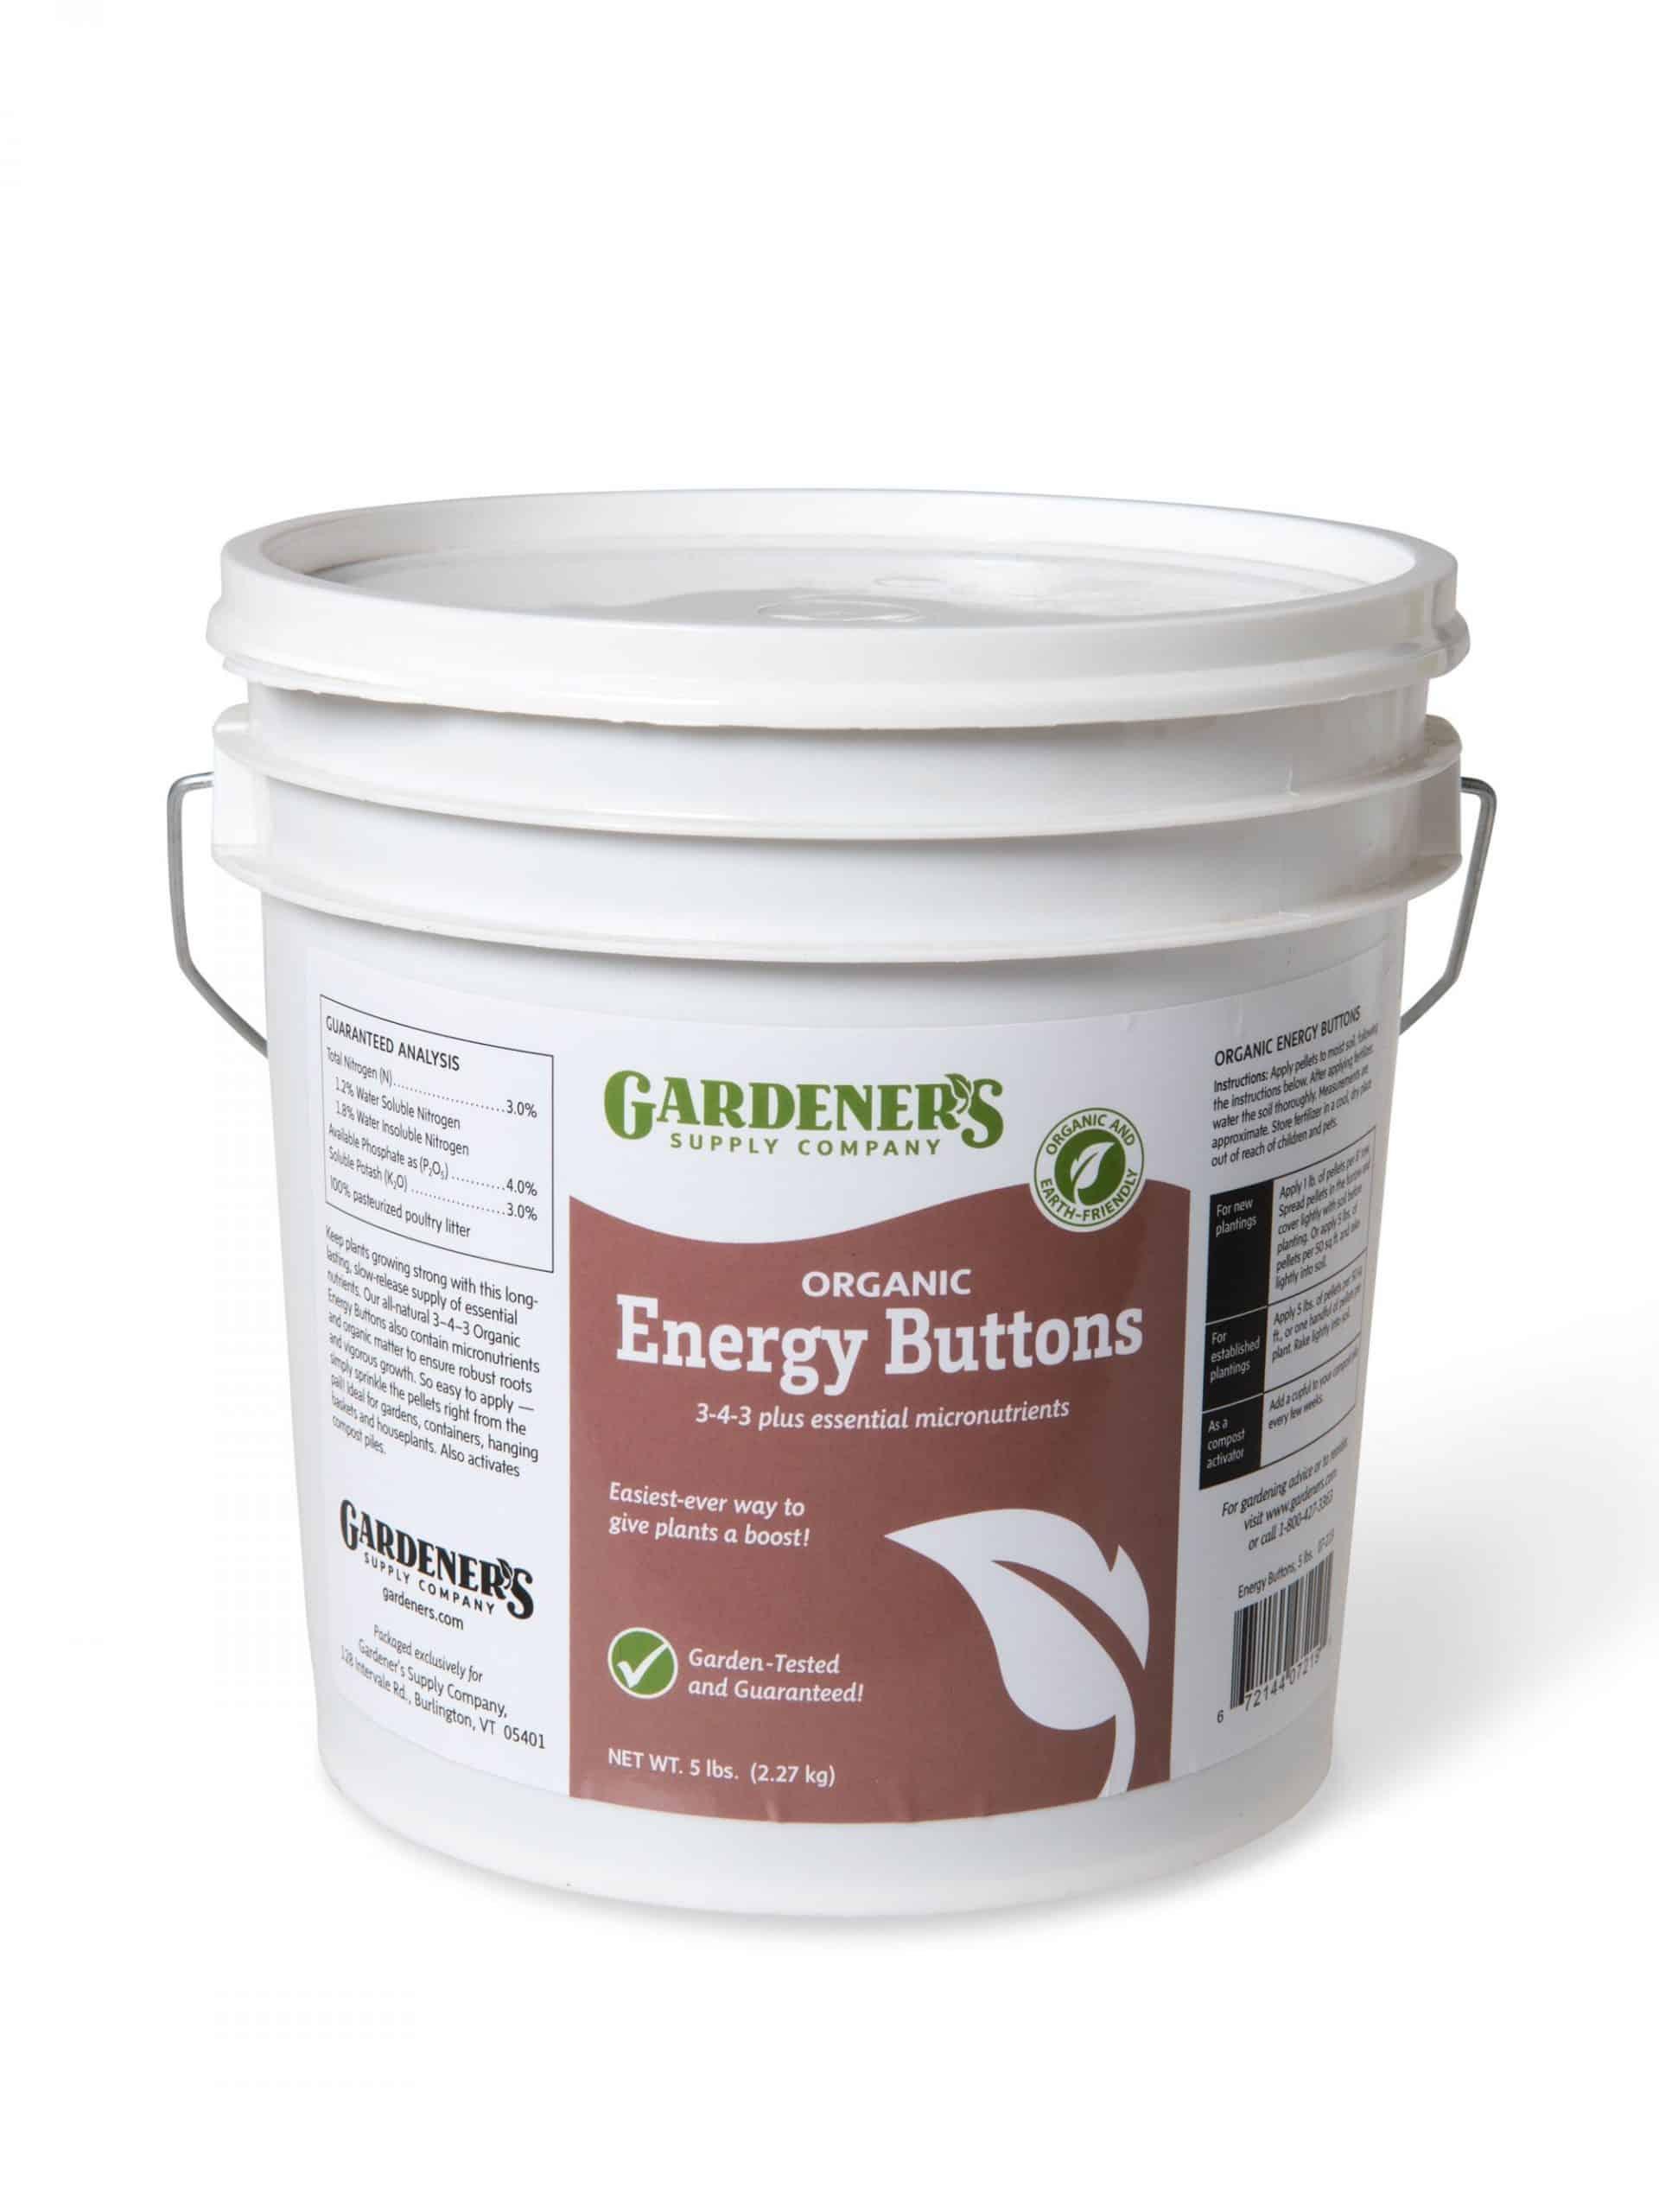 07219 7752 energy buttons super nutrient rich fertilizer scaled